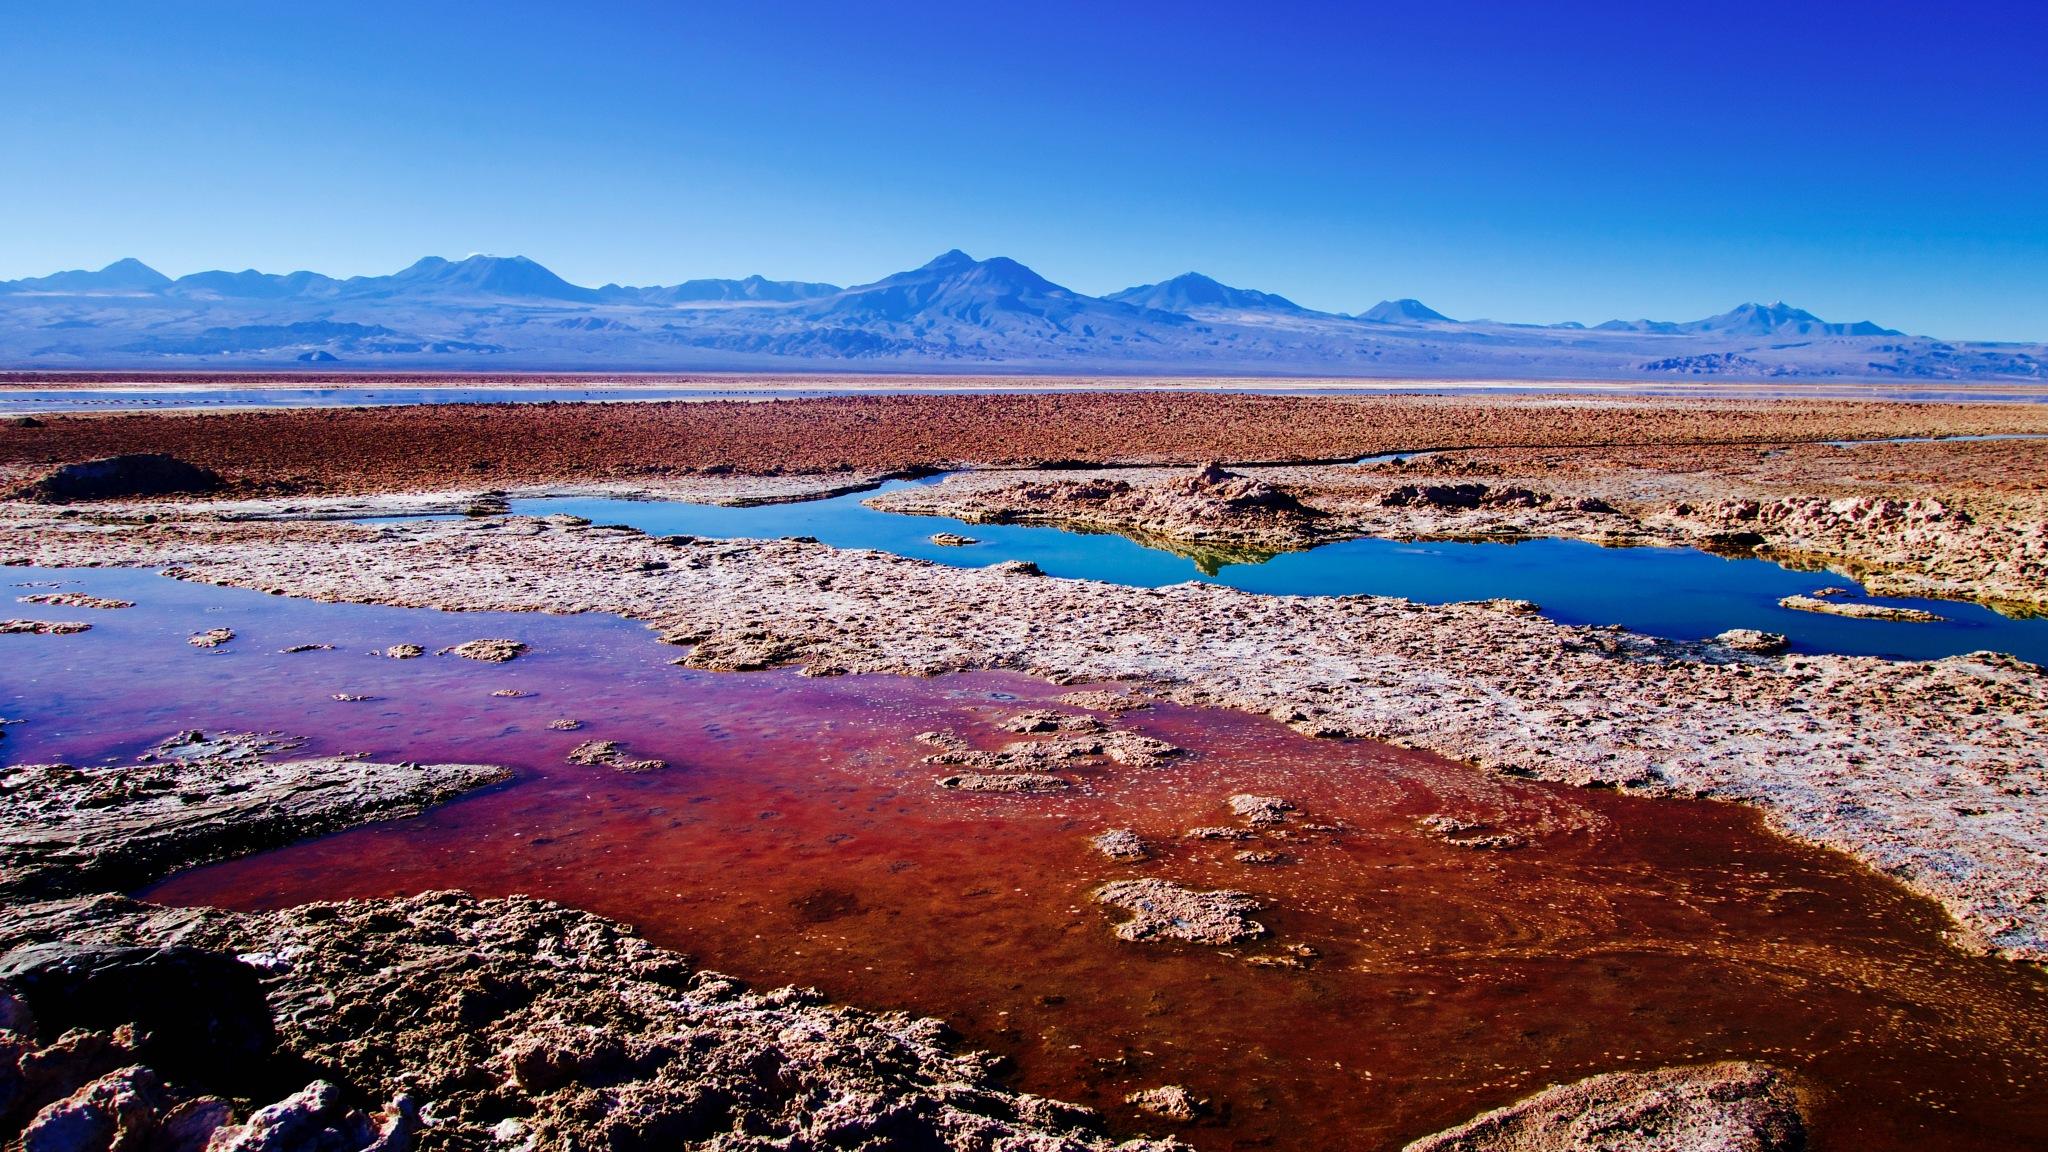 Desert d'Atacama 2017 by Coco Gm